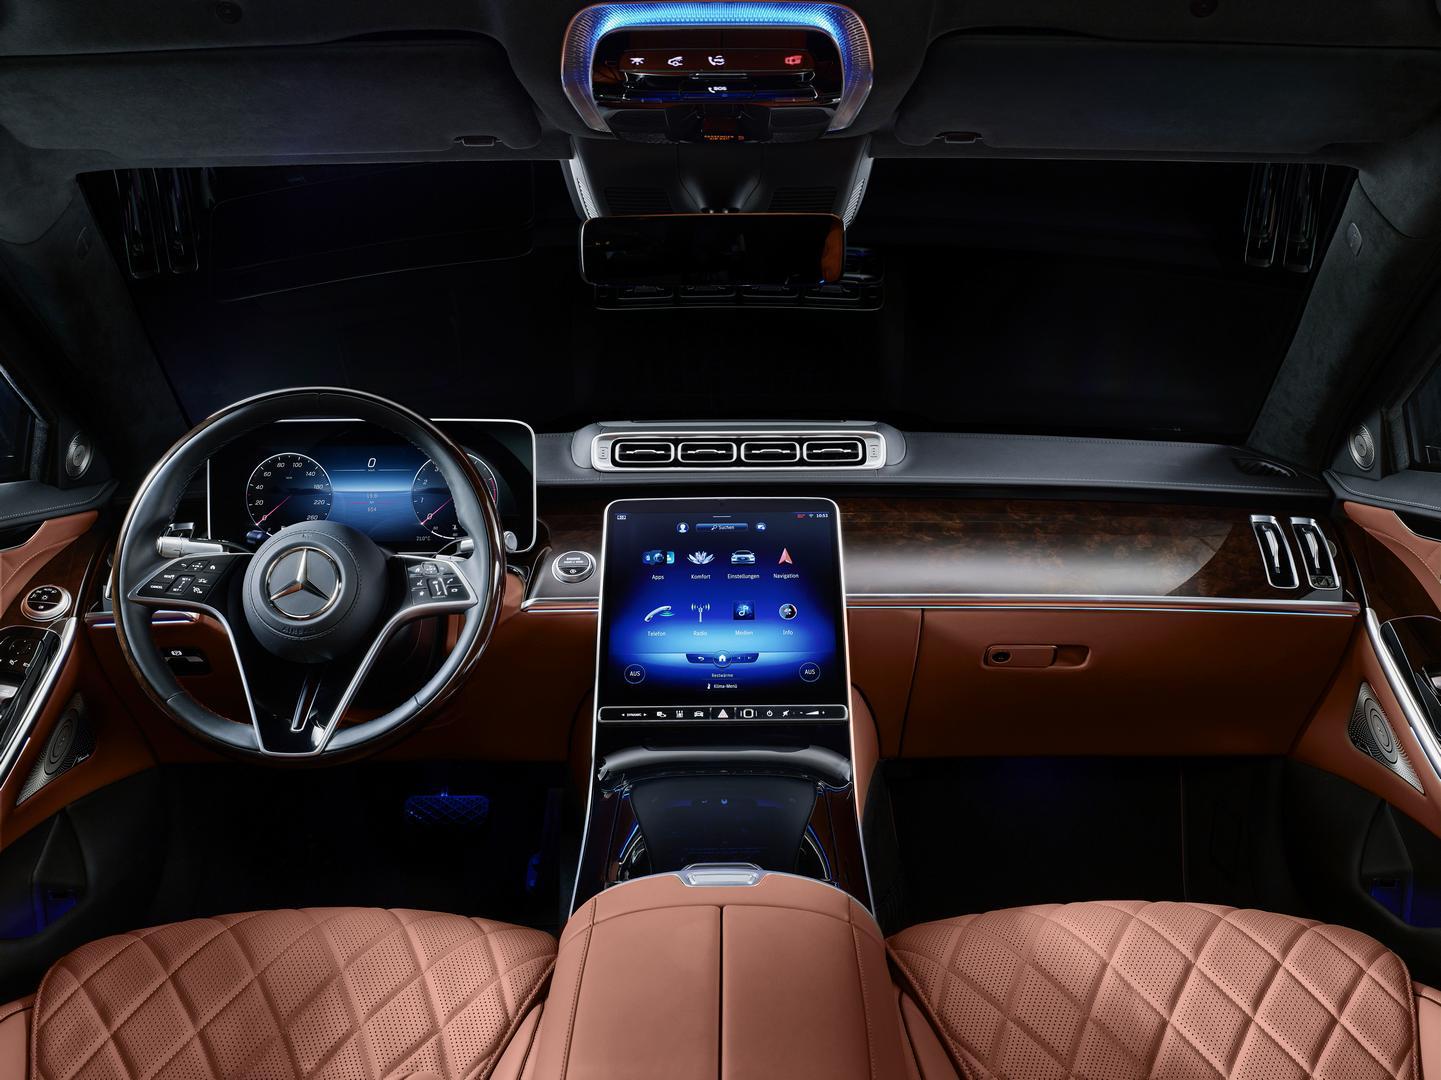 Mercedes-Benz S 680 GUARD interior